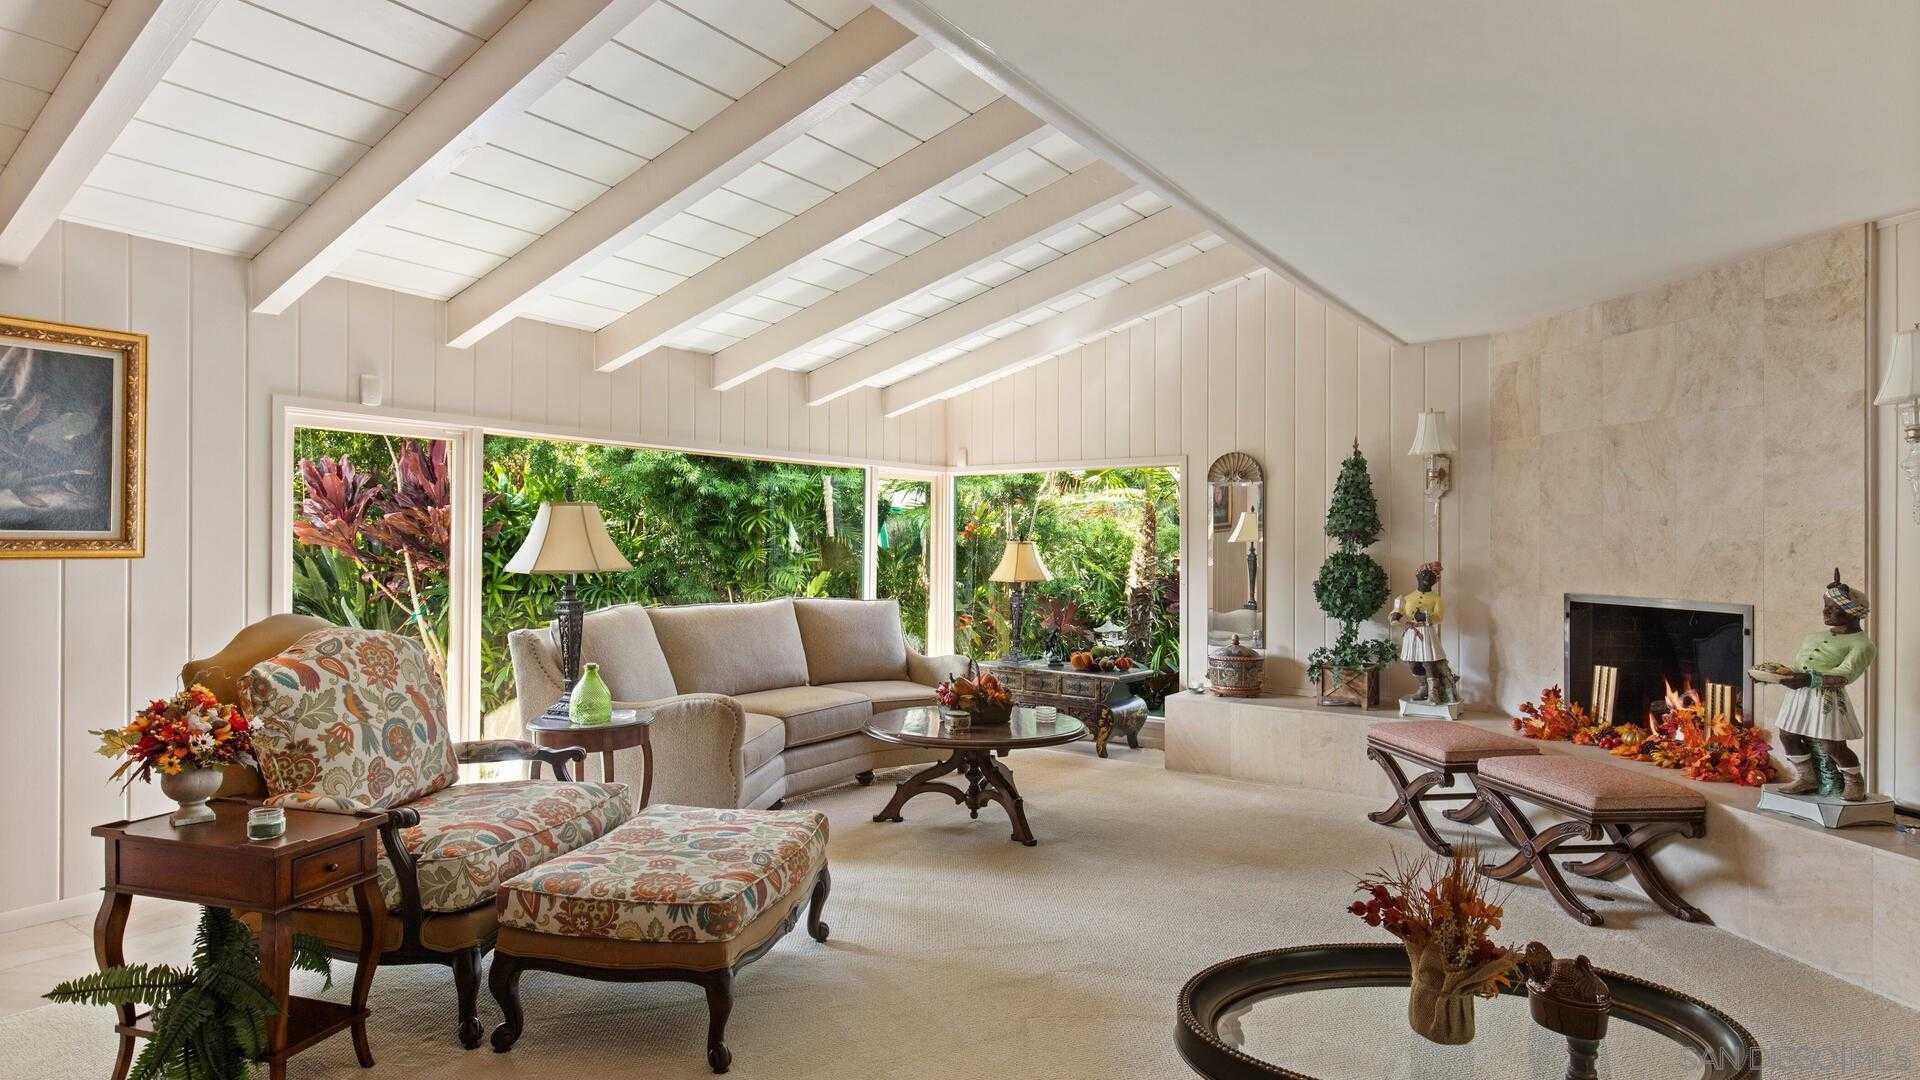 $3,250,000 - 5Br/3Ba -  for Sale in La Jolla Shores, La Jolla